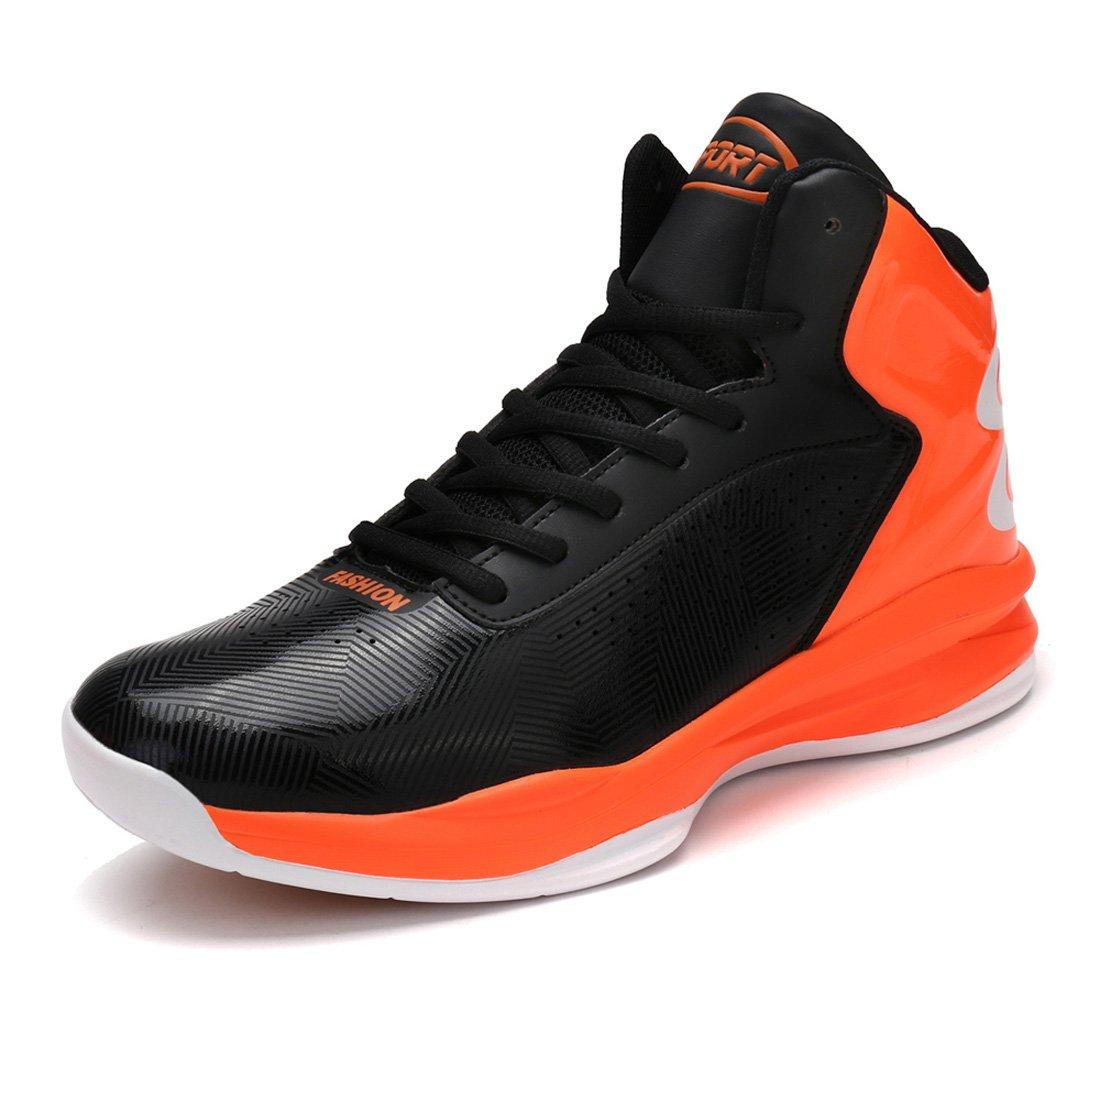 DANDANJIE Mens Basketball Schuhe Schuhe Schuhe Hallo Top Ankle Trainer Stiefel Laufschuhe Sportschuhe Größe 39-46 B07DPMQZK5 Kletterschuhe Wertvolle Boutique a30665